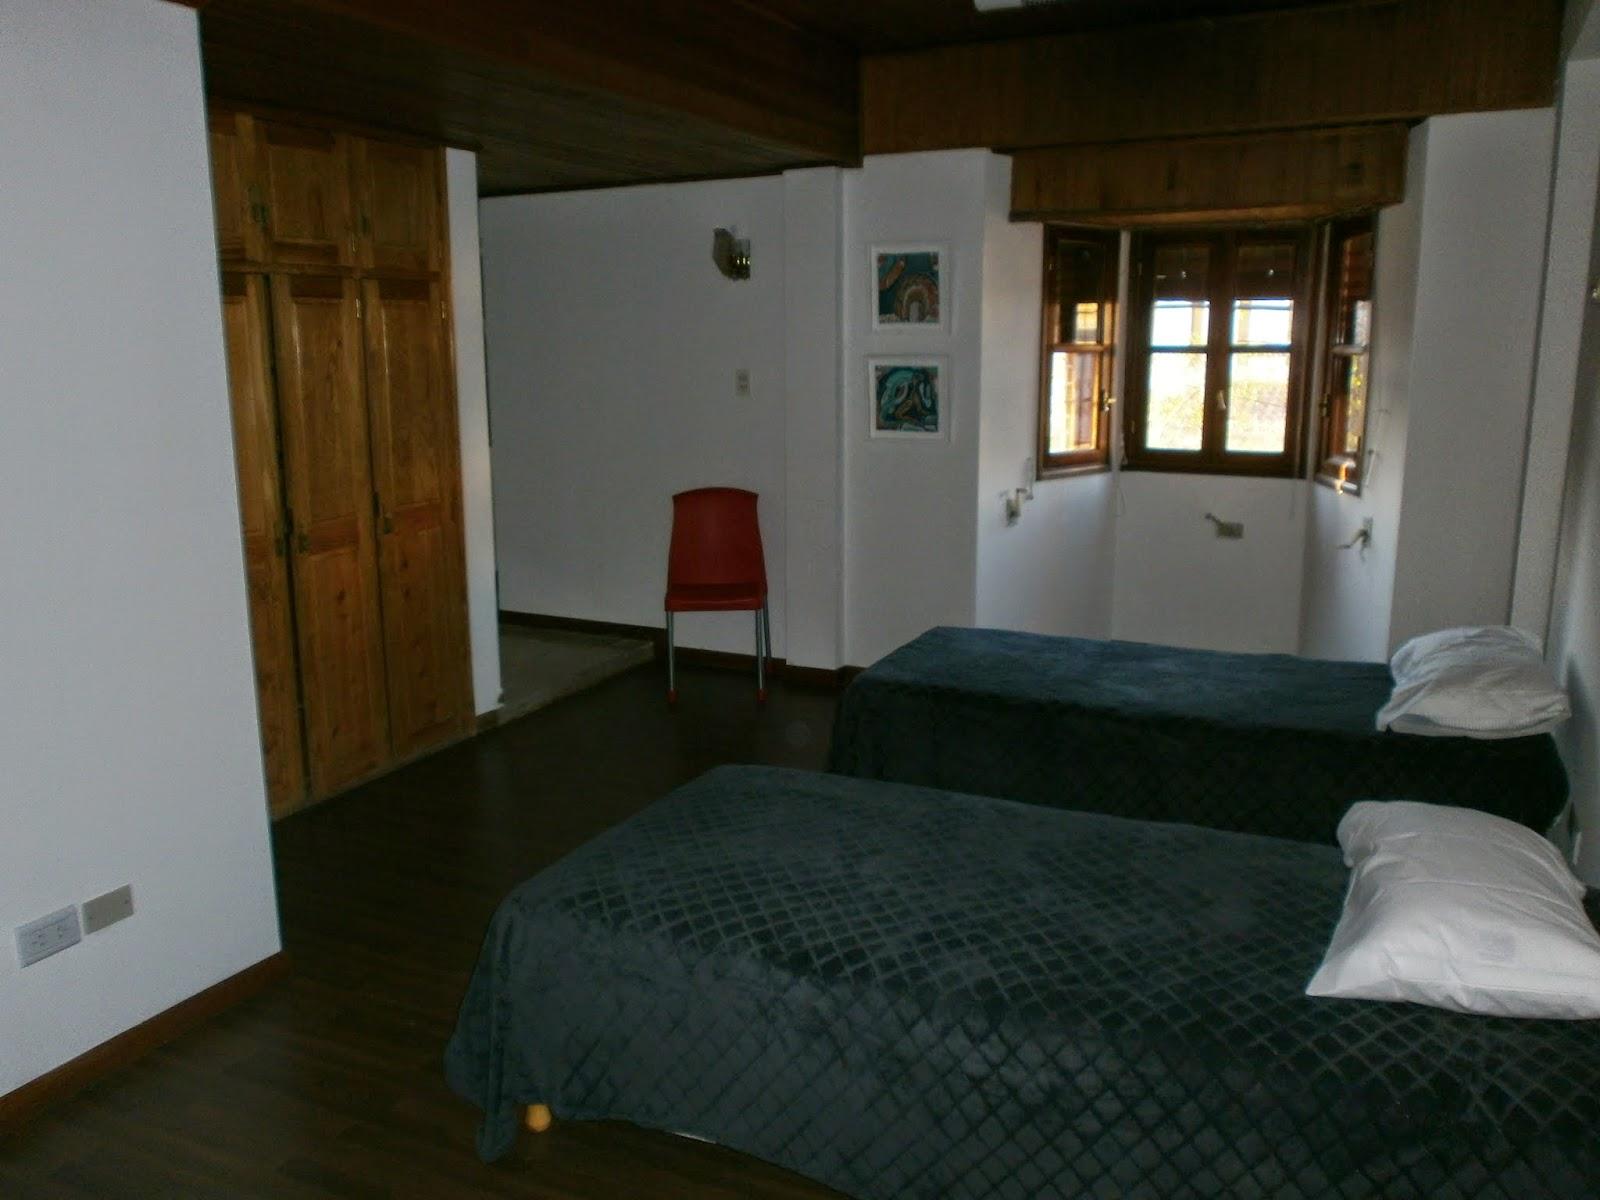 Hostel huellas en neuqu n habitaciones con ba o privado - Habitaciones con bano ...